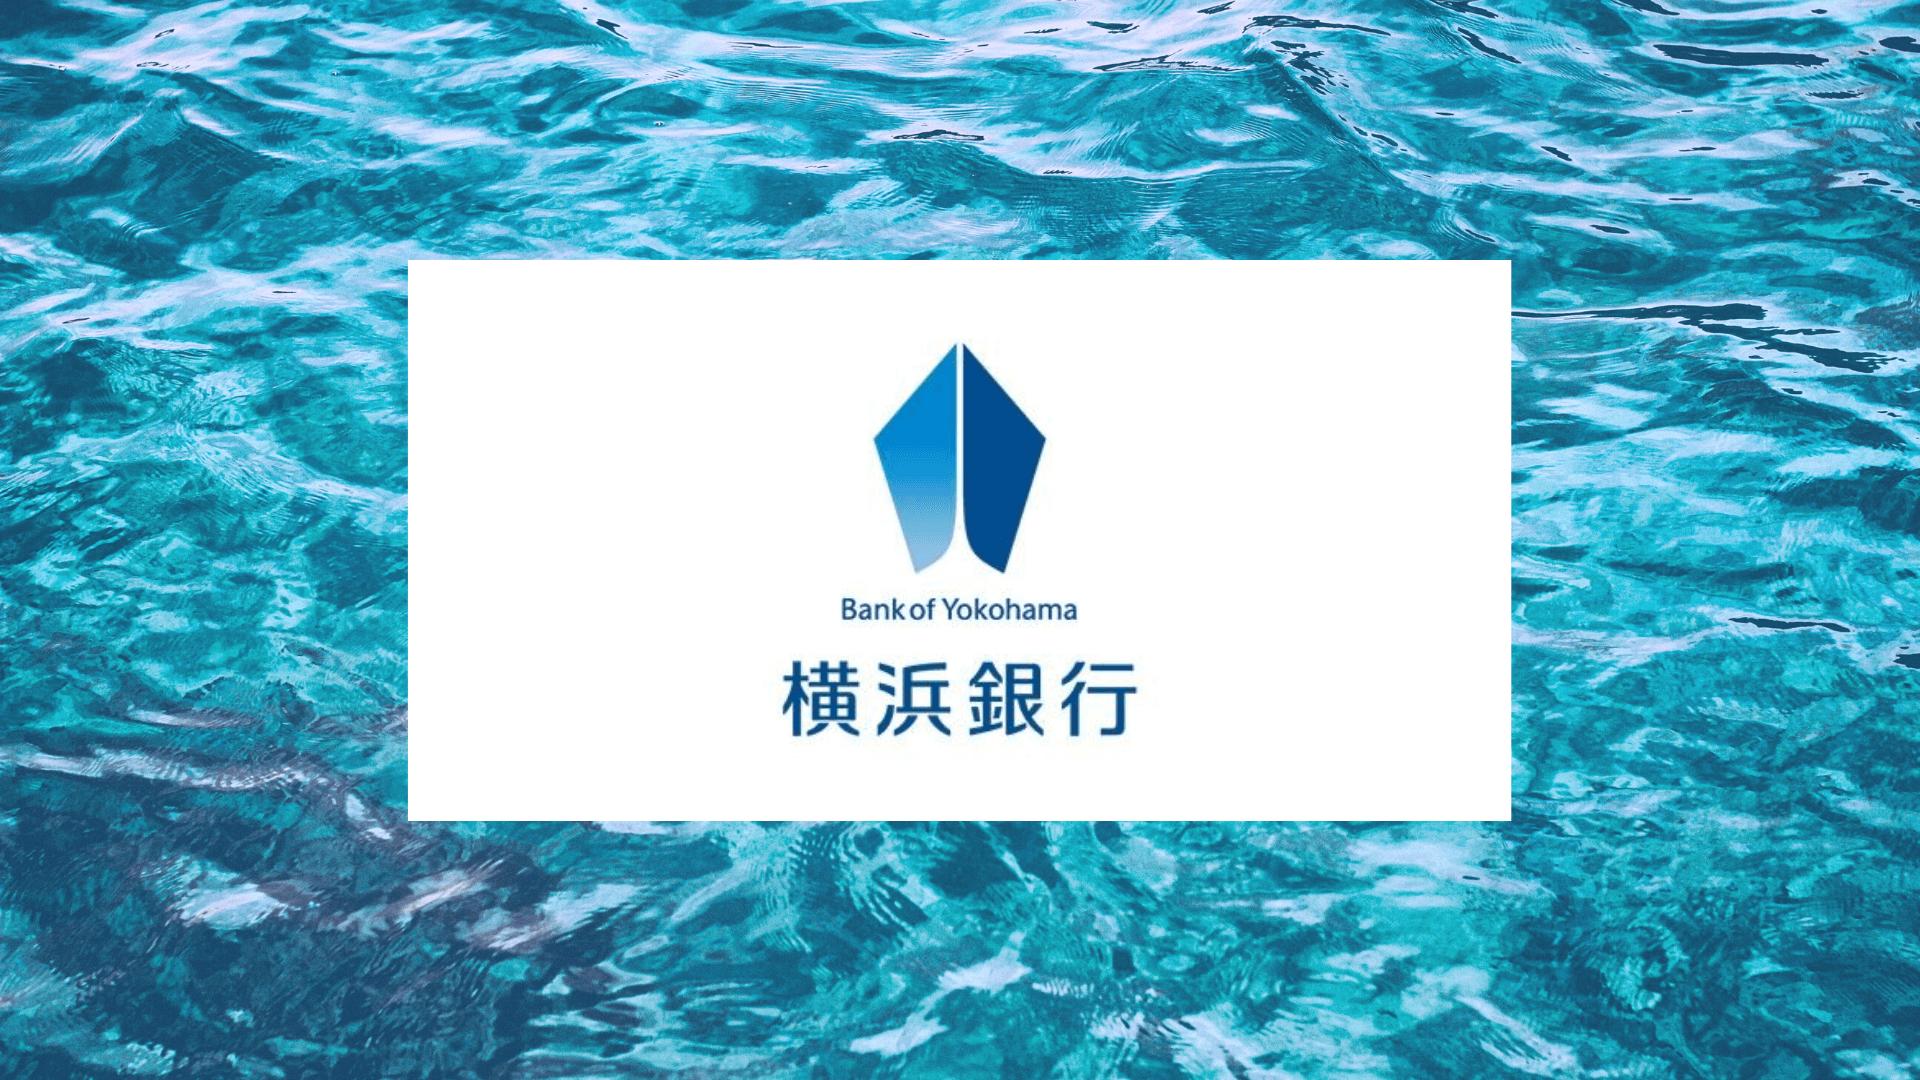 横浜銀行カードローンの審査は厳しい?特徴や金利・返済方法を解説